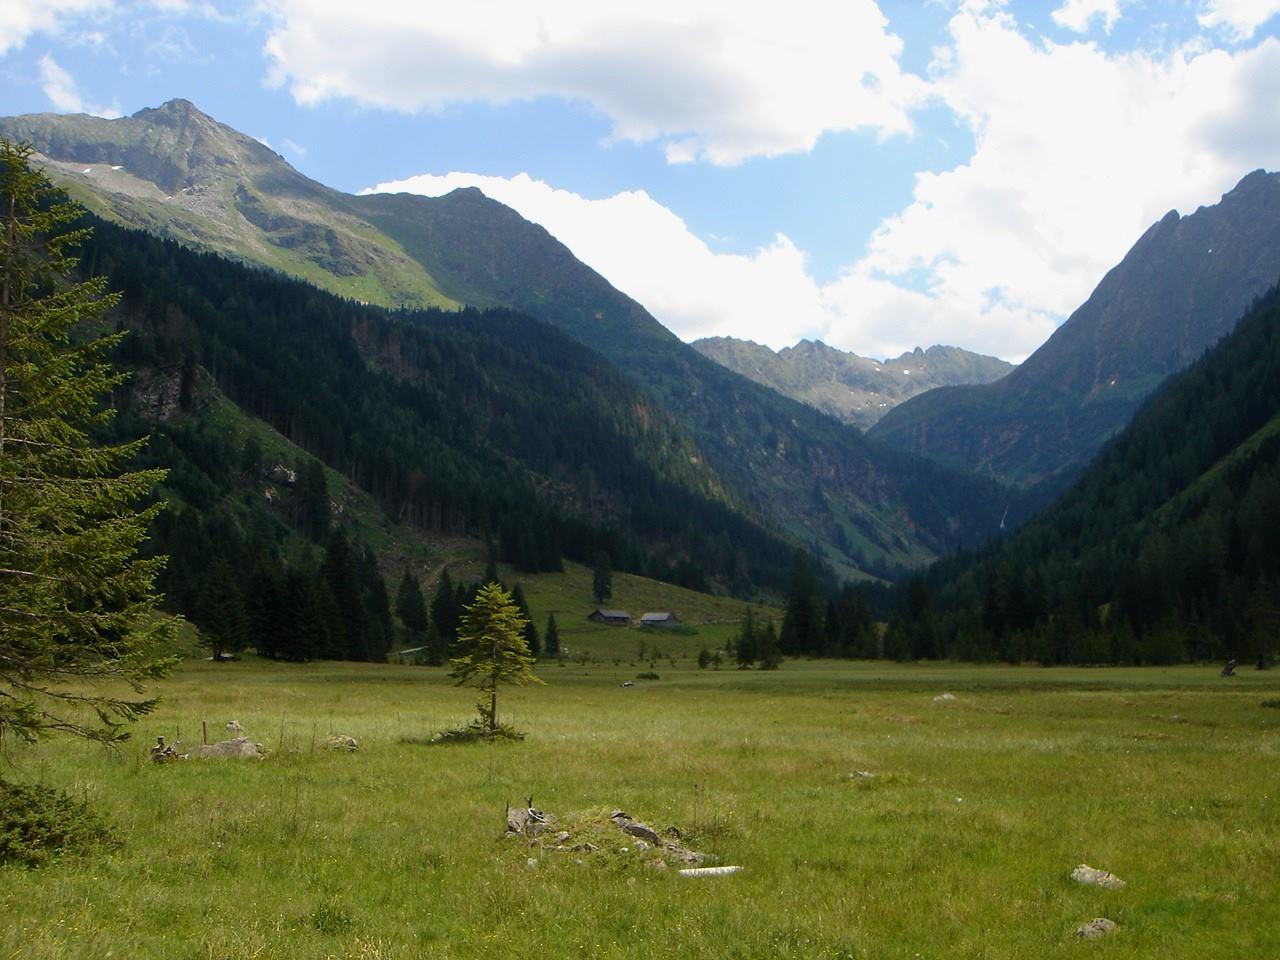 Foto: Manfred Karl / Wander Tour / Hochwildstelle-Überschreitung / Im Tal hinter dem Riesachsee / 15.06.2007 23:12:46